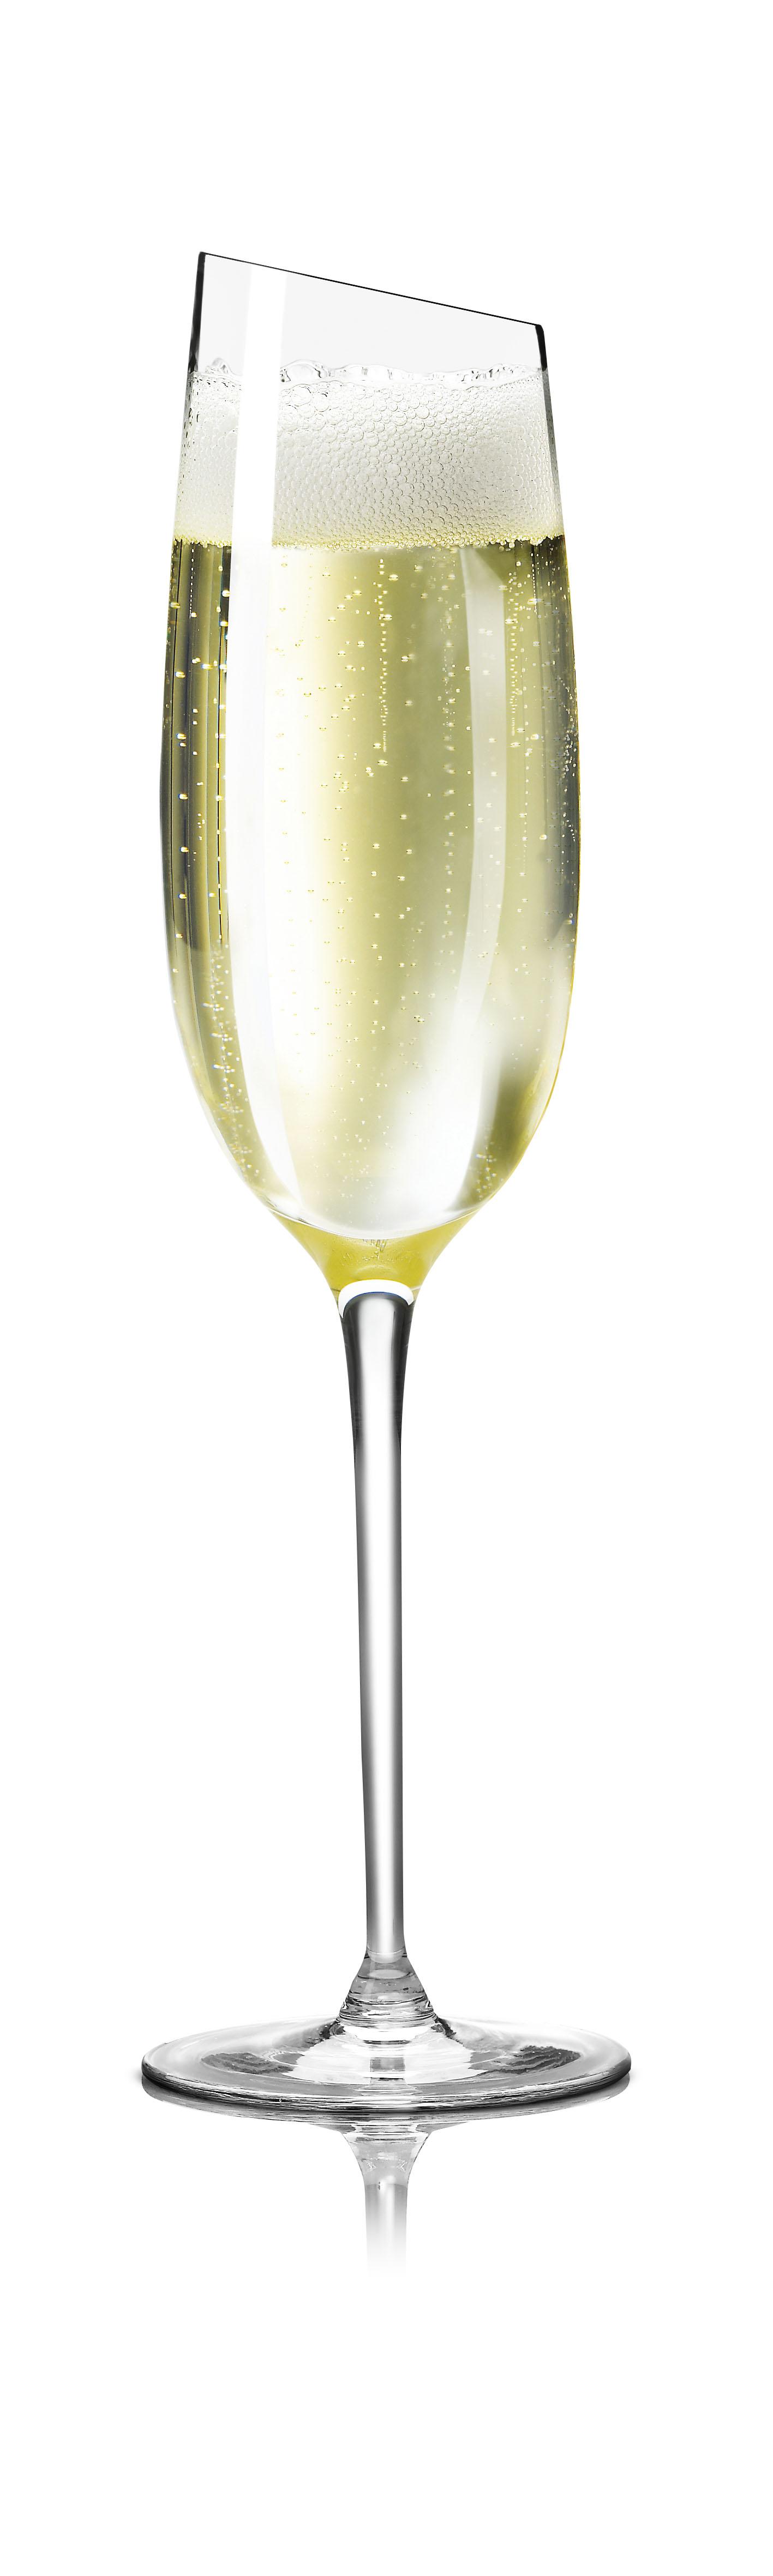 Eva Solo - Champagne Glass 2 pack (541104)